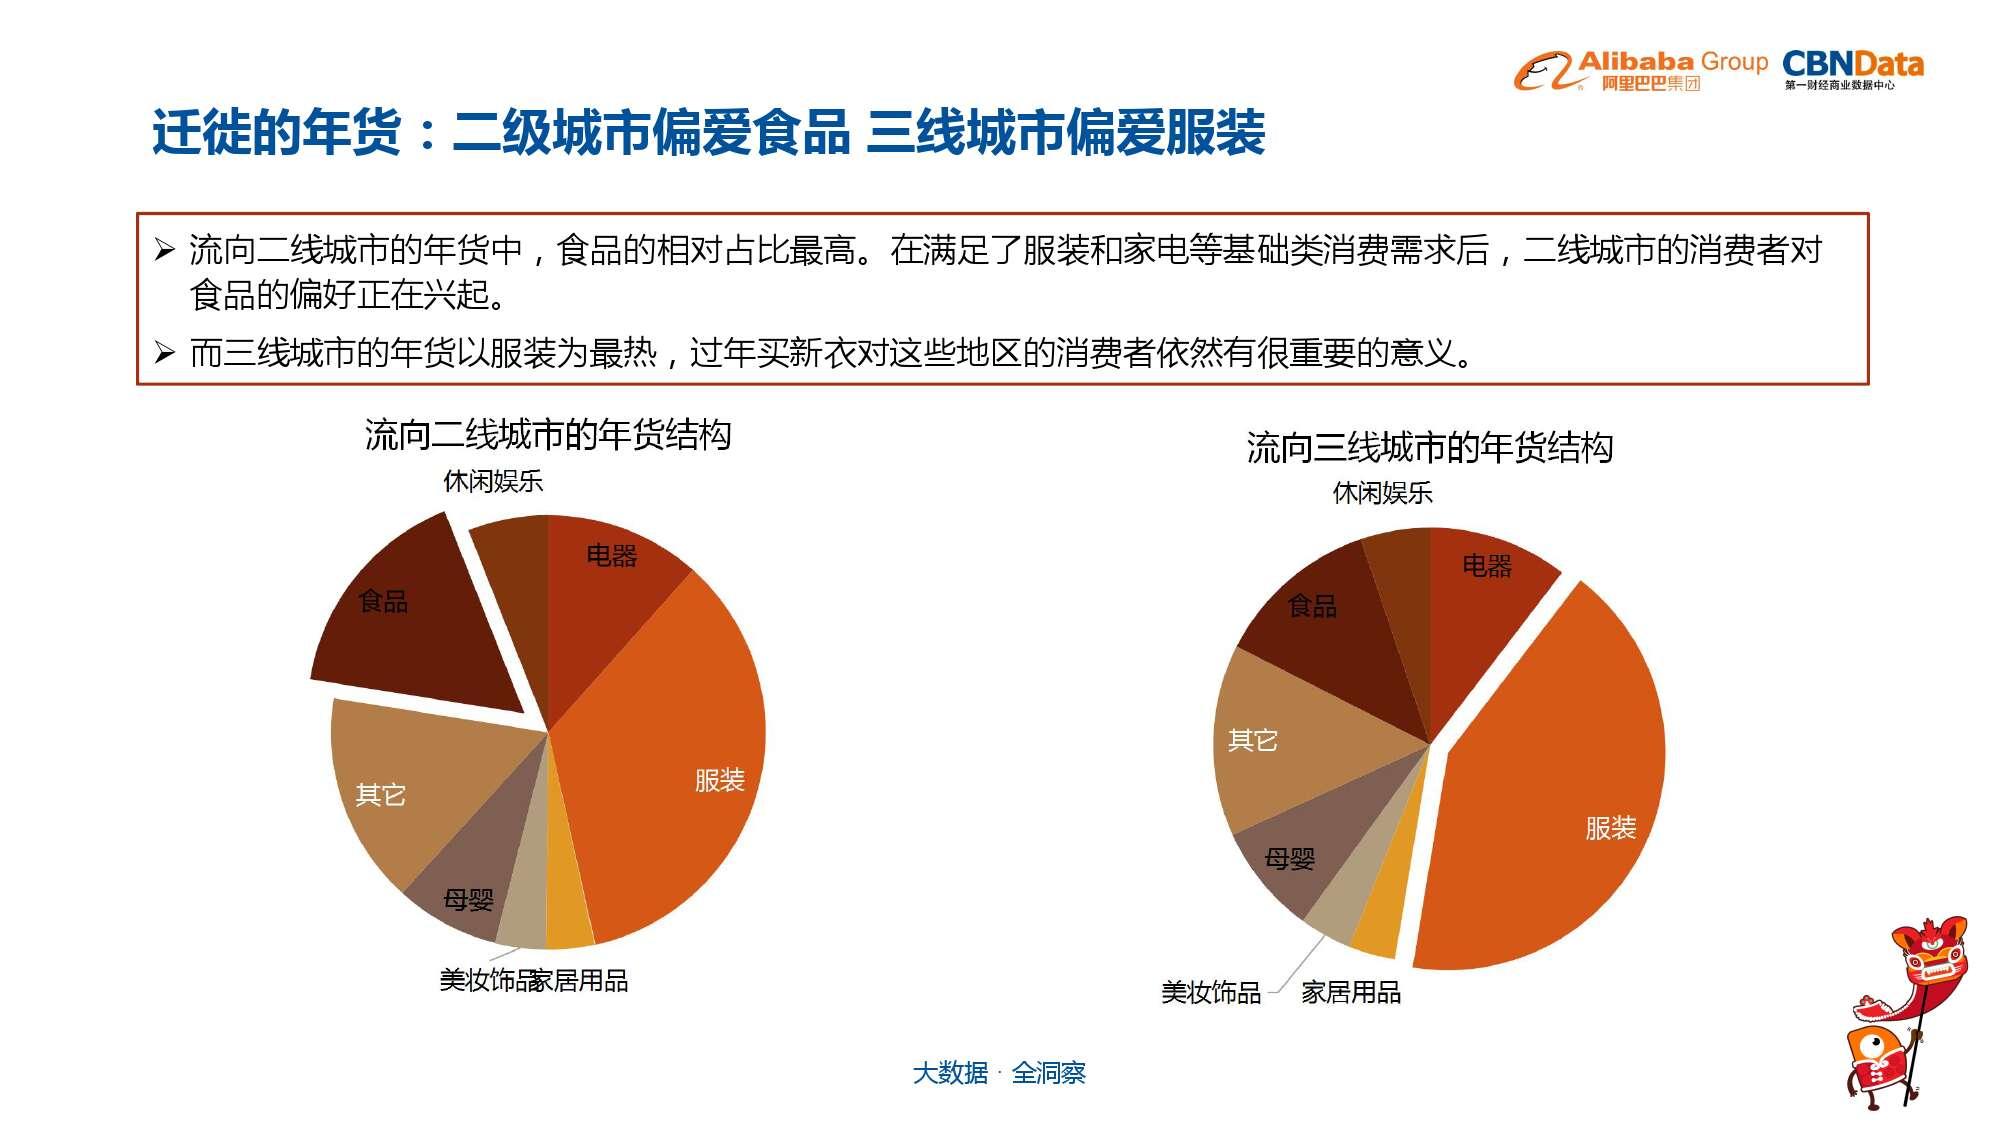 中国年货大数据报告_000033